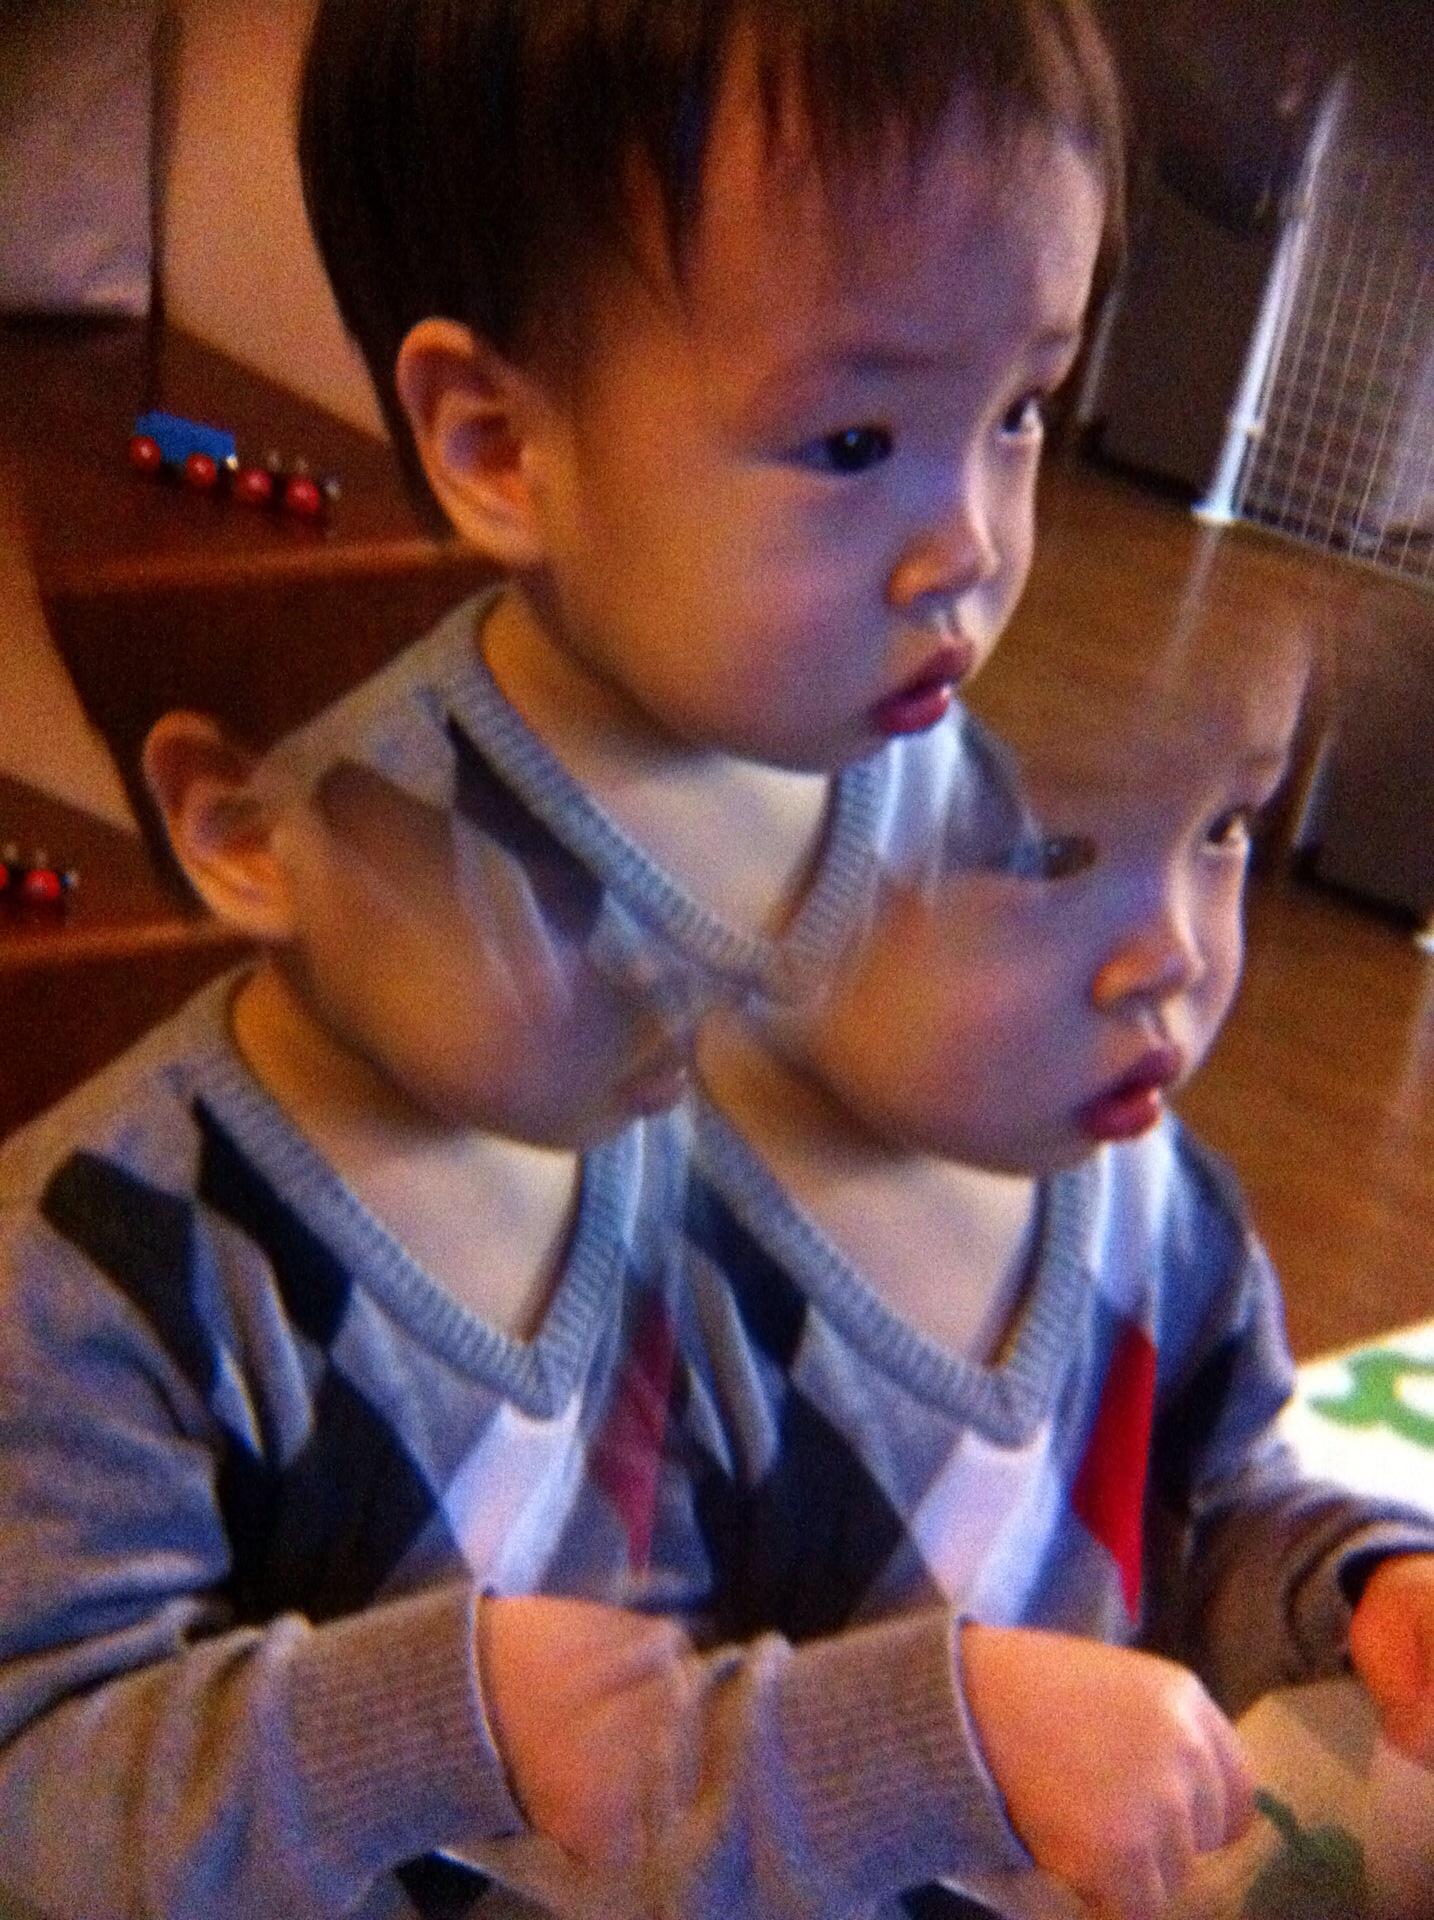 撮影例。子どもの写真ばかりで恐縮だが、撮影するのがより楽しくなる